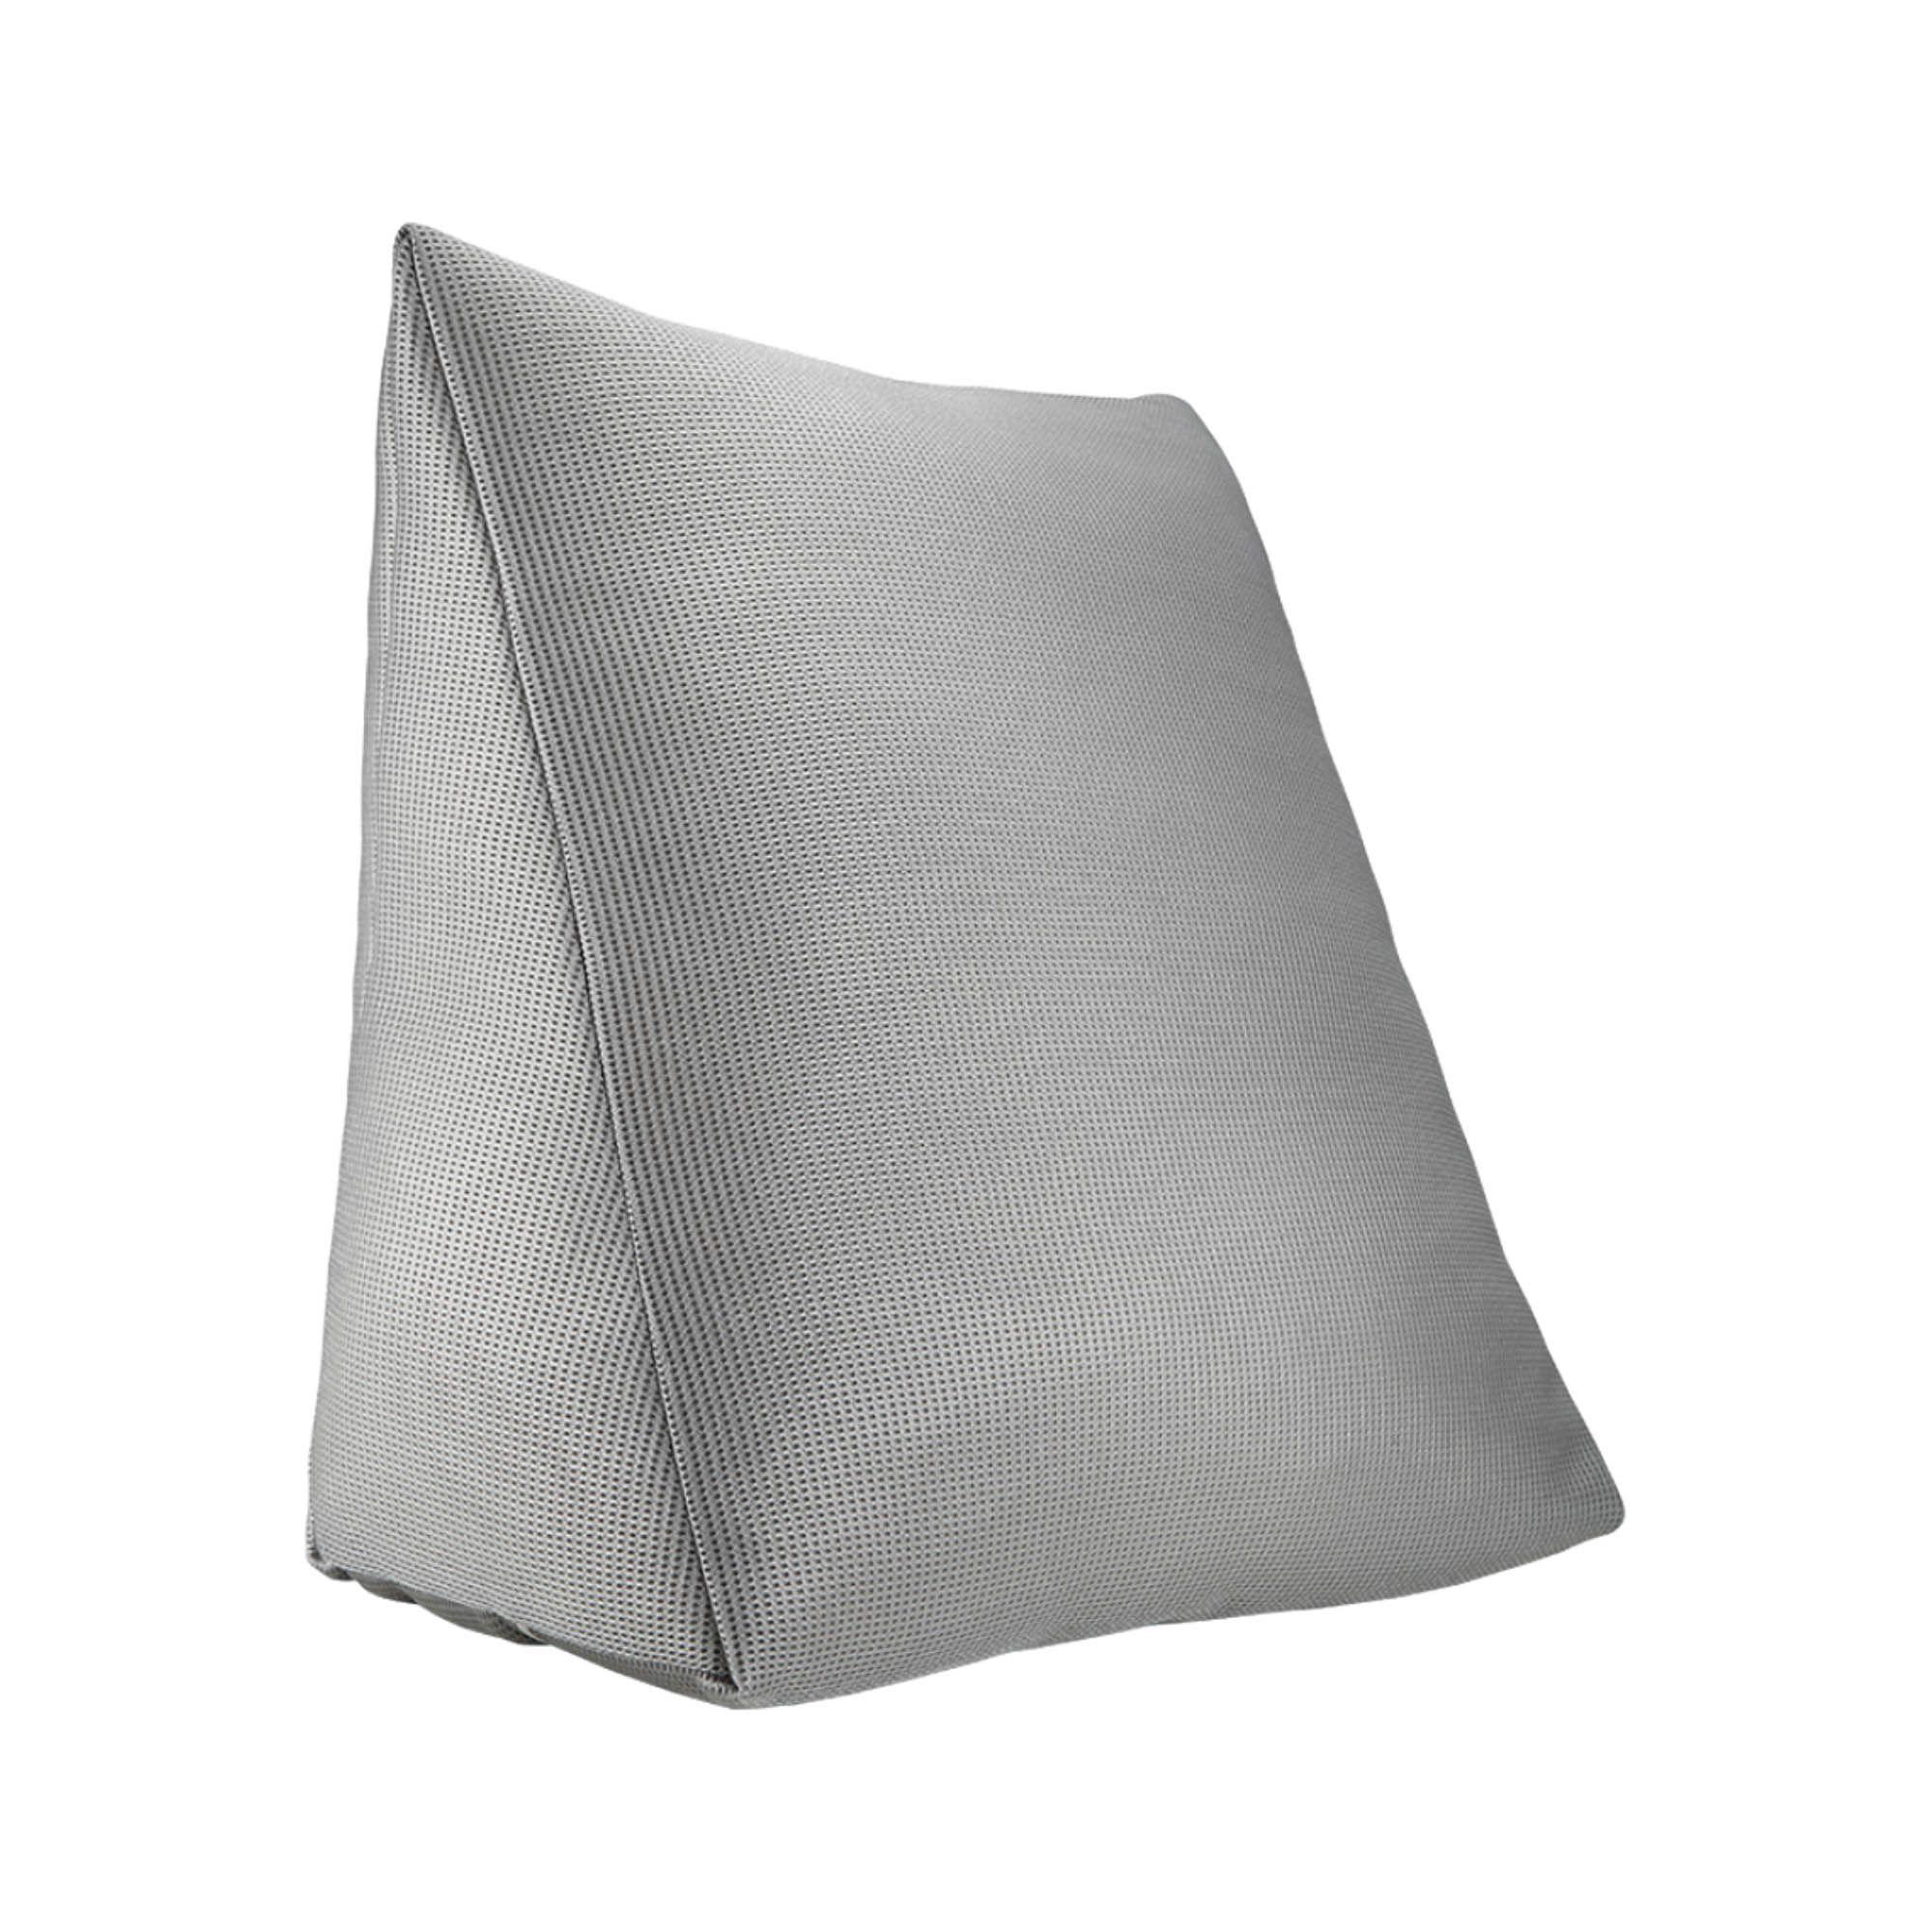 Almofada Triangular Theva, com Capa Removível